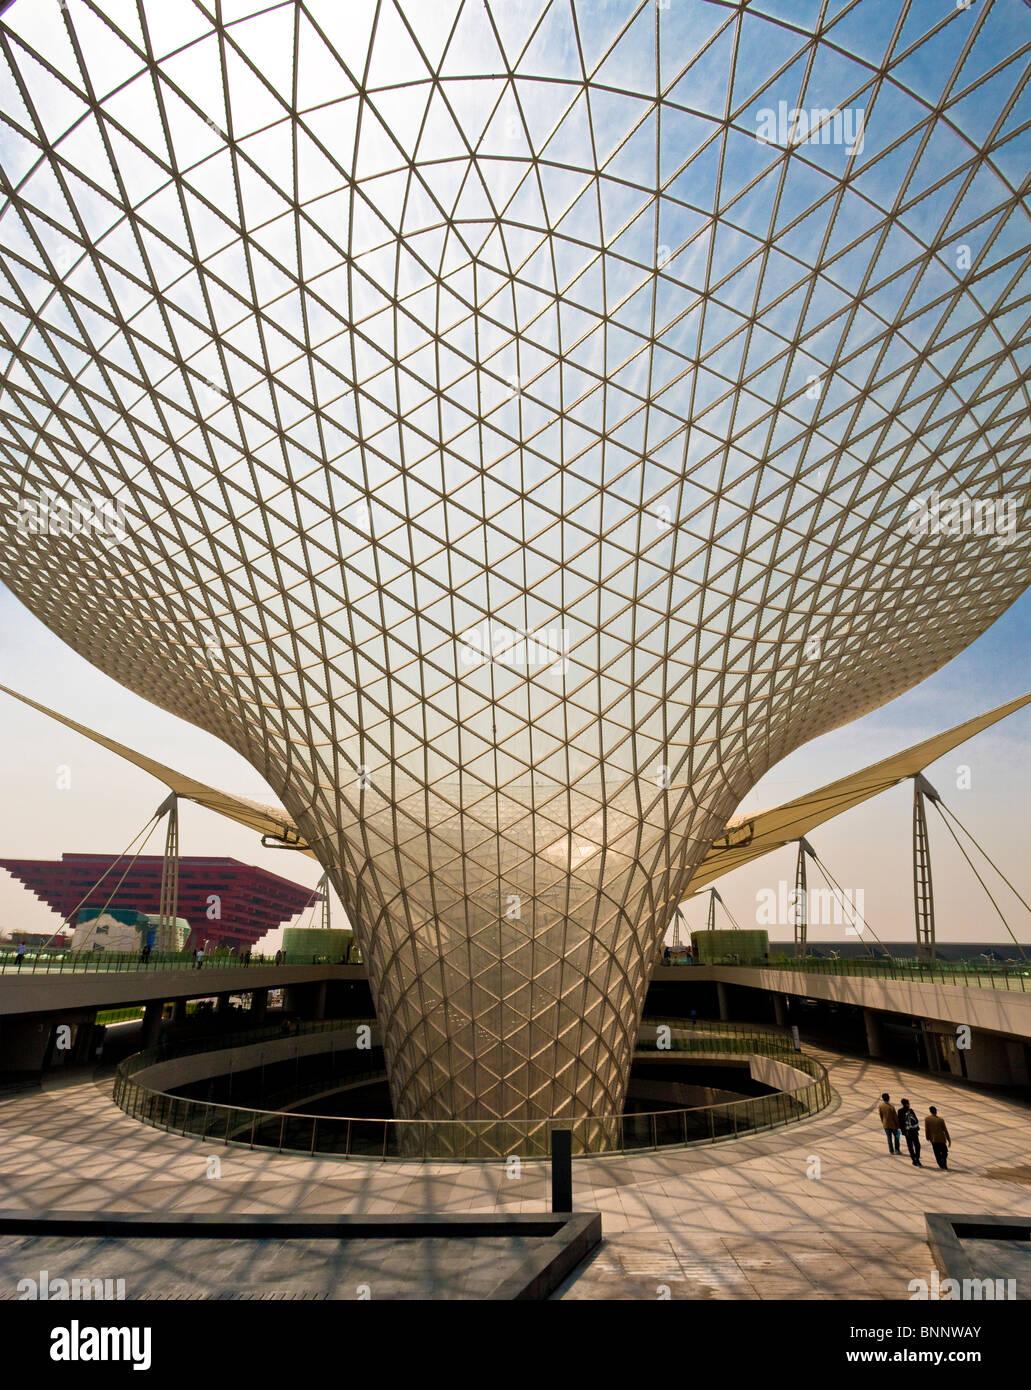 China Shanghai Expo Expo Boulevard Architekturwelt zeigen Reisen Tourismus Urlaub Ferien Architektur Stockbild